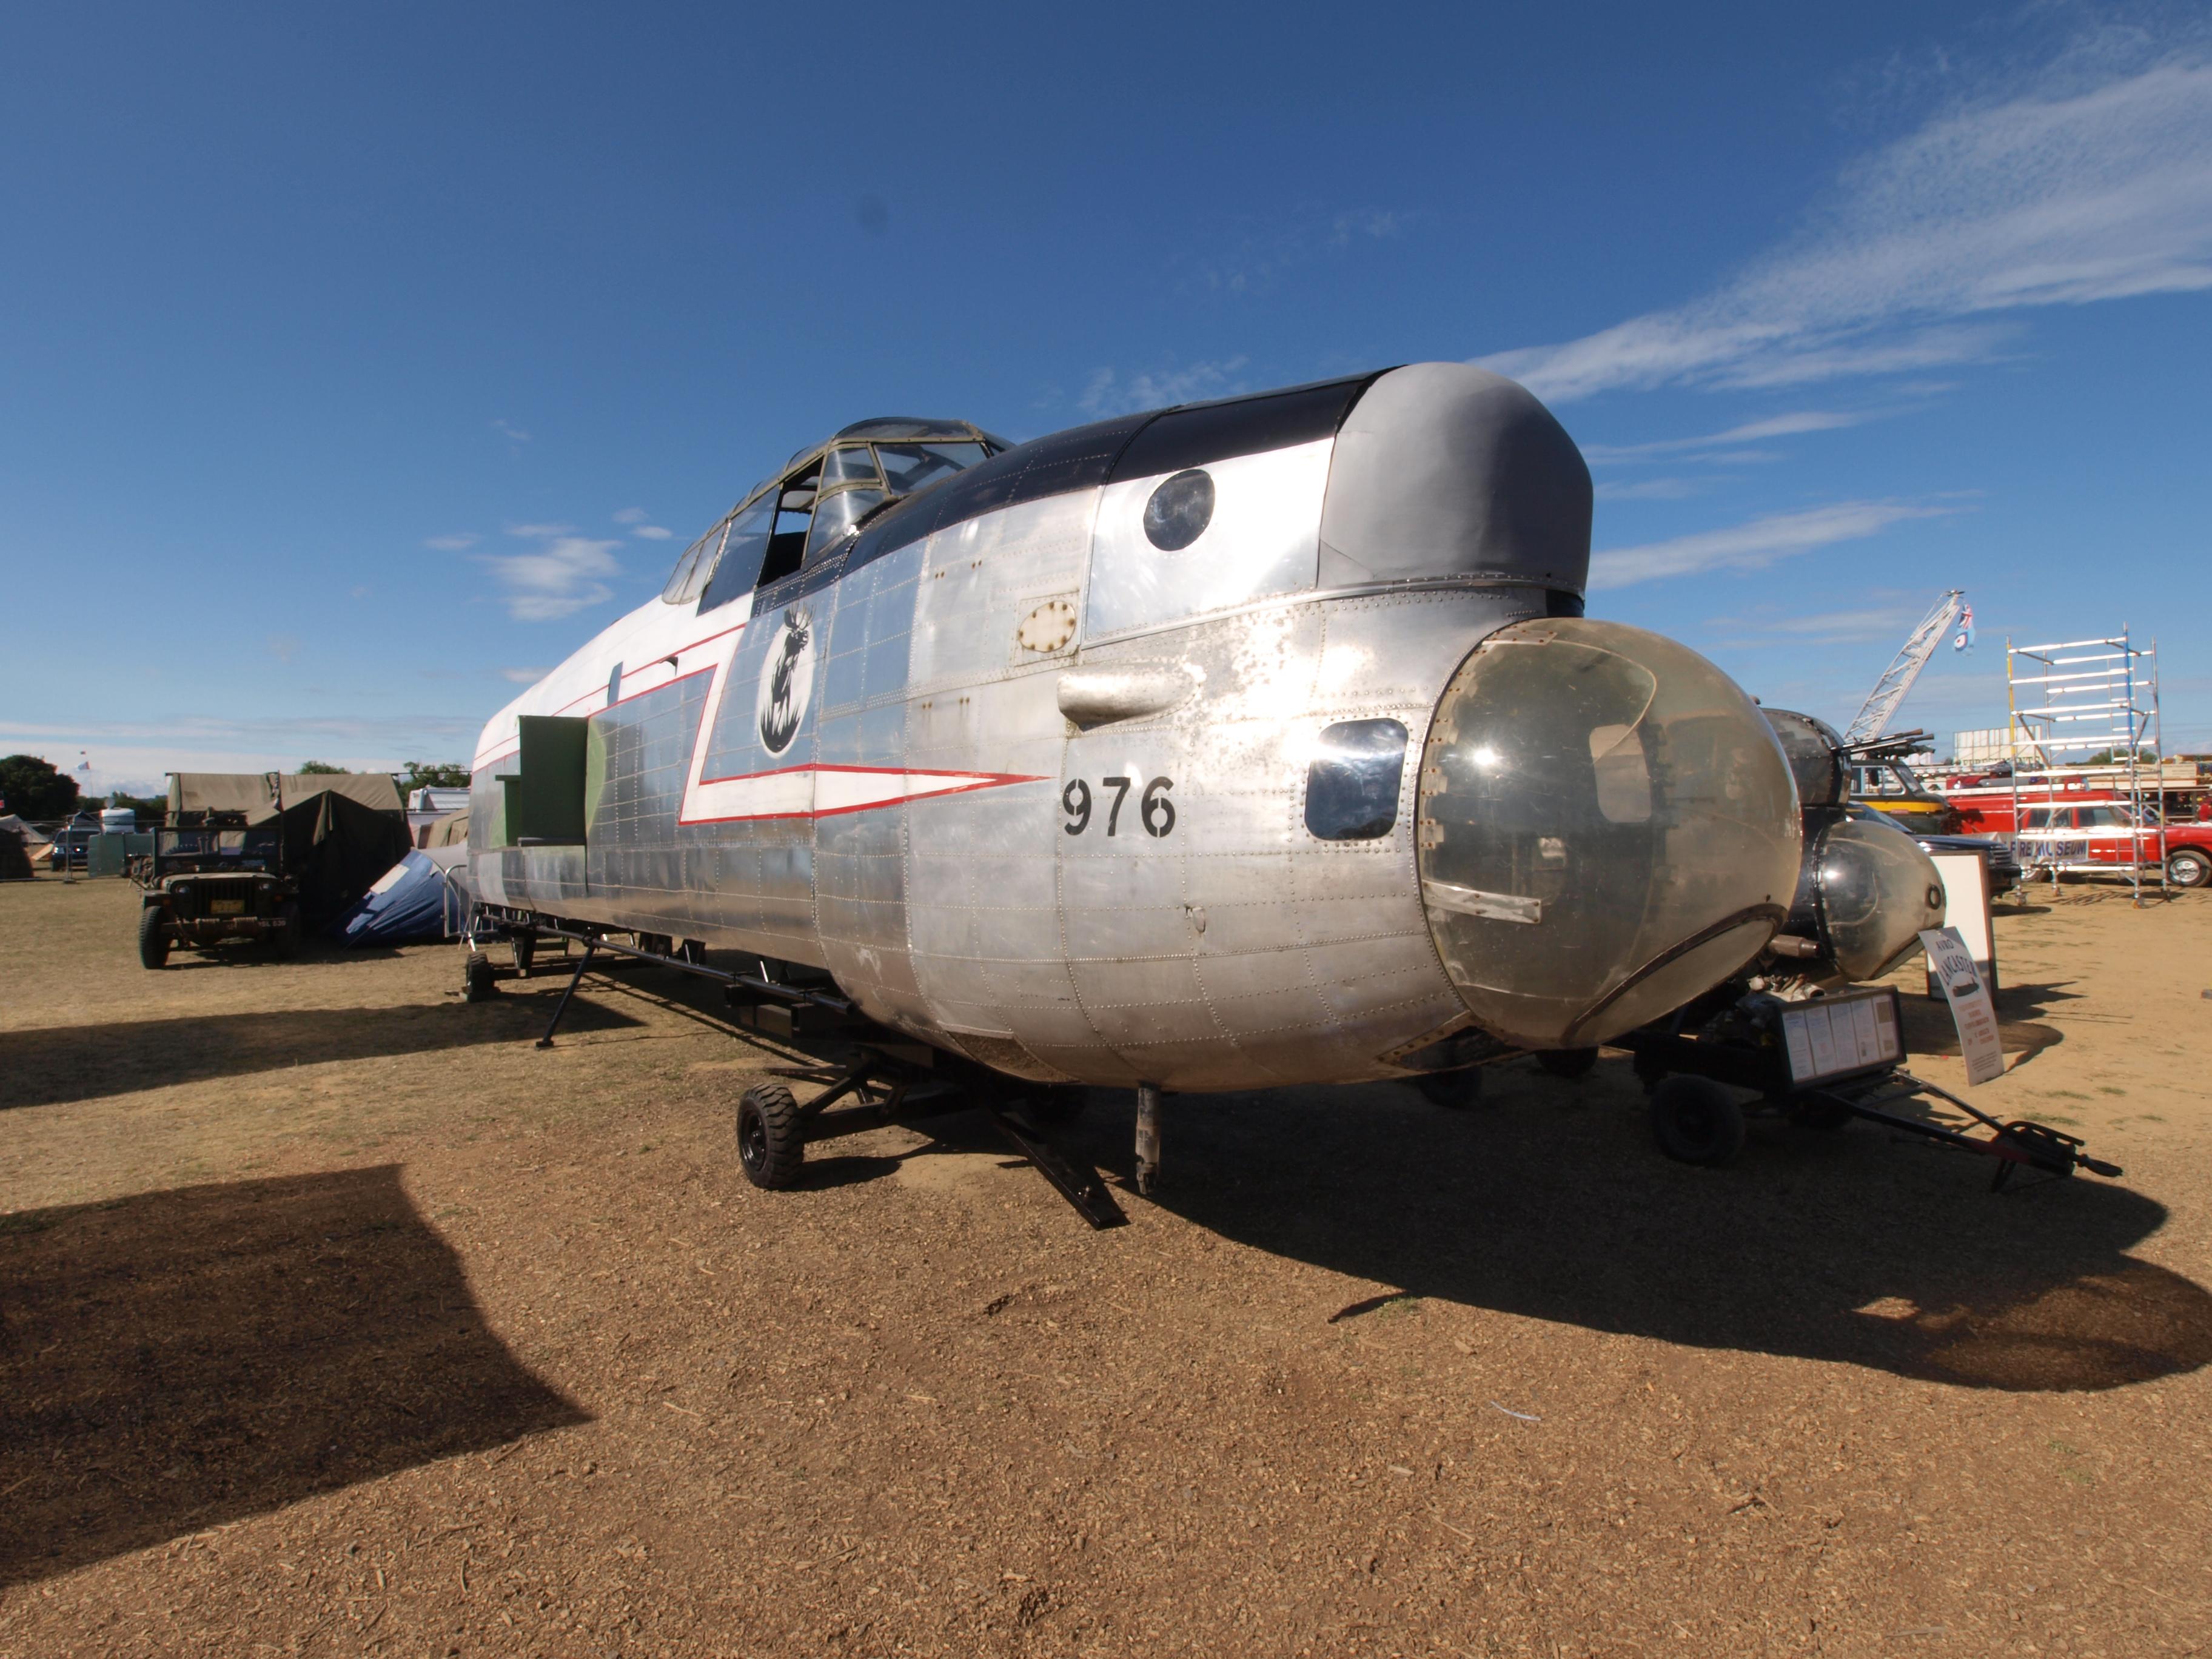 File:Avro Lancaster 976 pic1.JPG